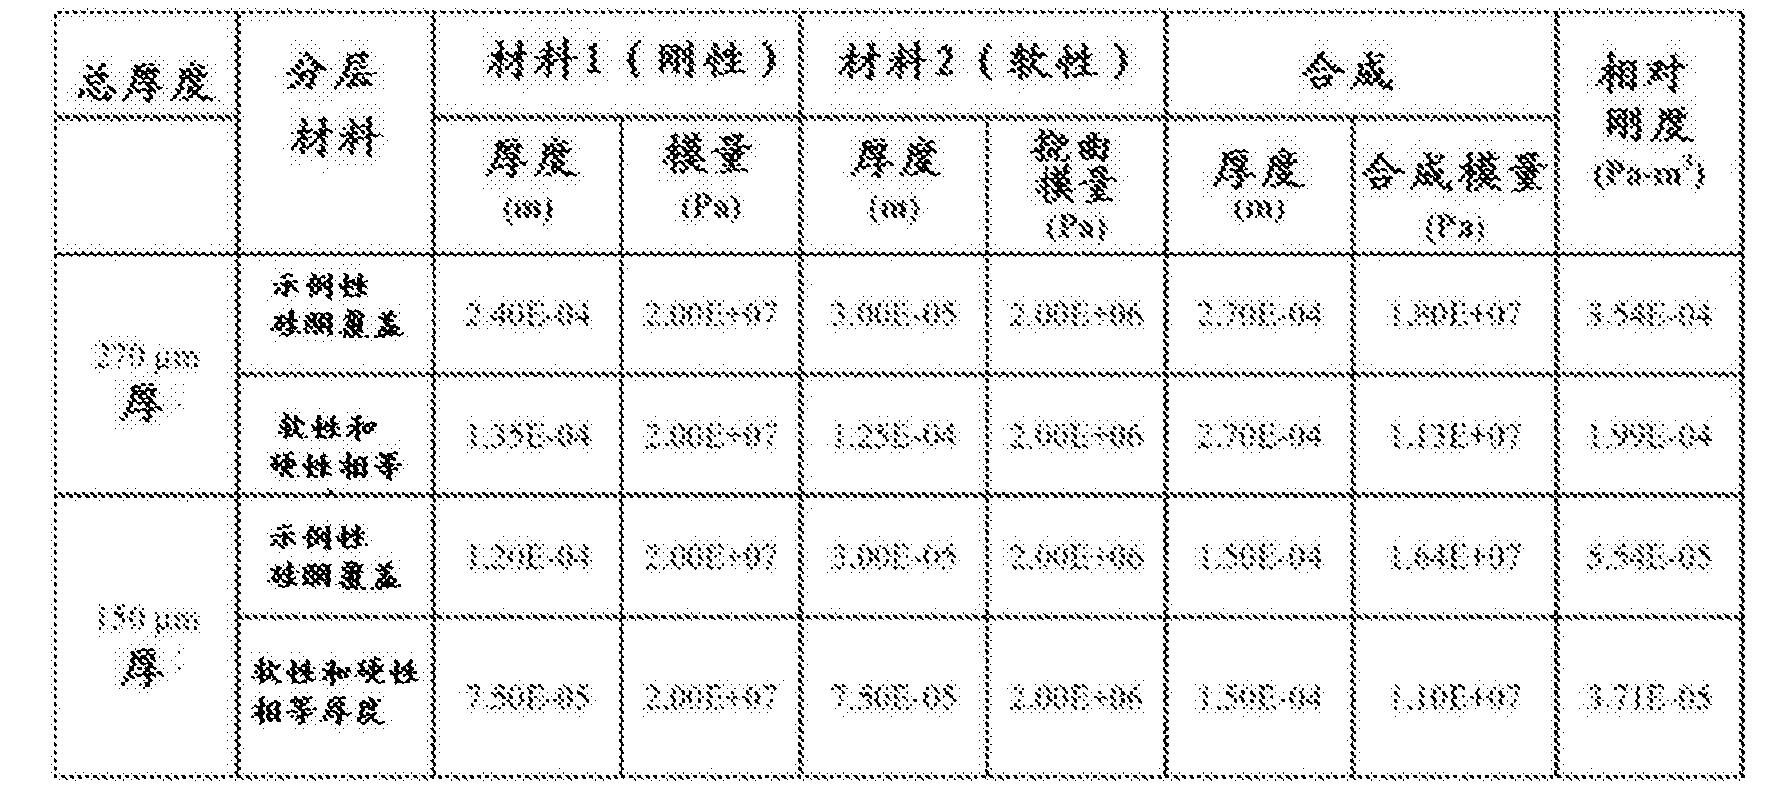 Figure CN104335104BD00241